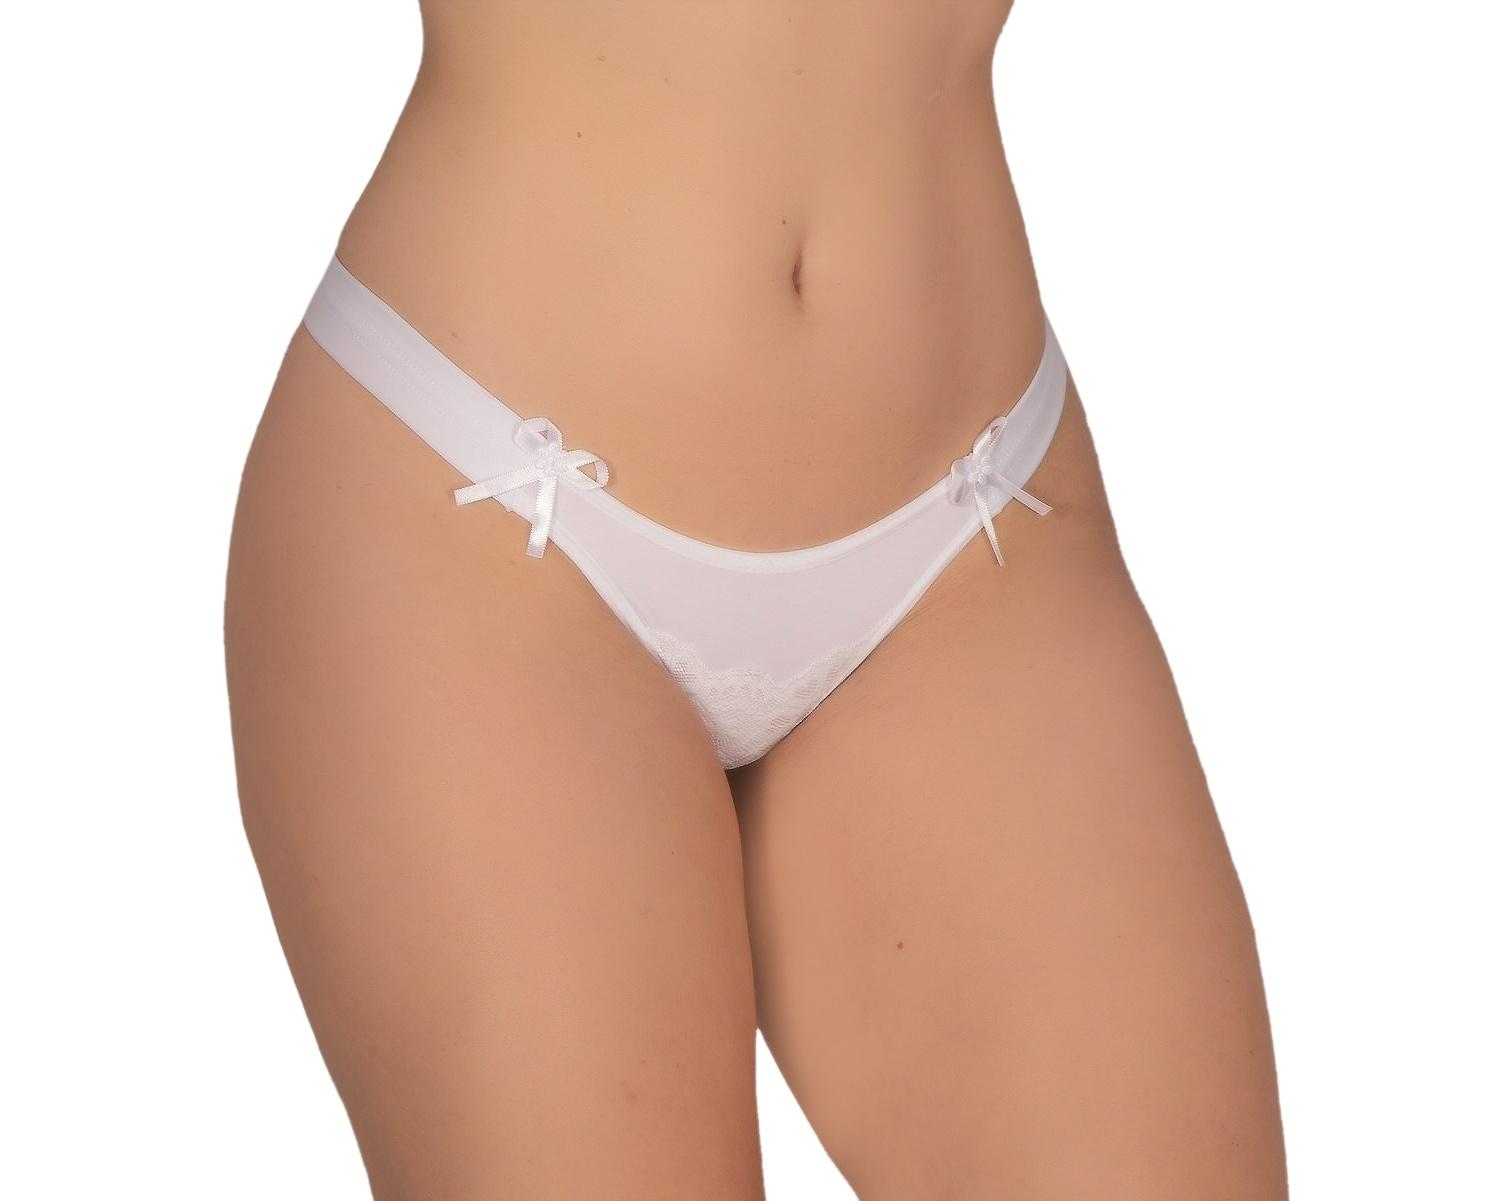 Calcinha Tanga Para Revenda Em Romantic Débora Promoção de lingerie no Atacado  - Fribasex - Fabricasex.com